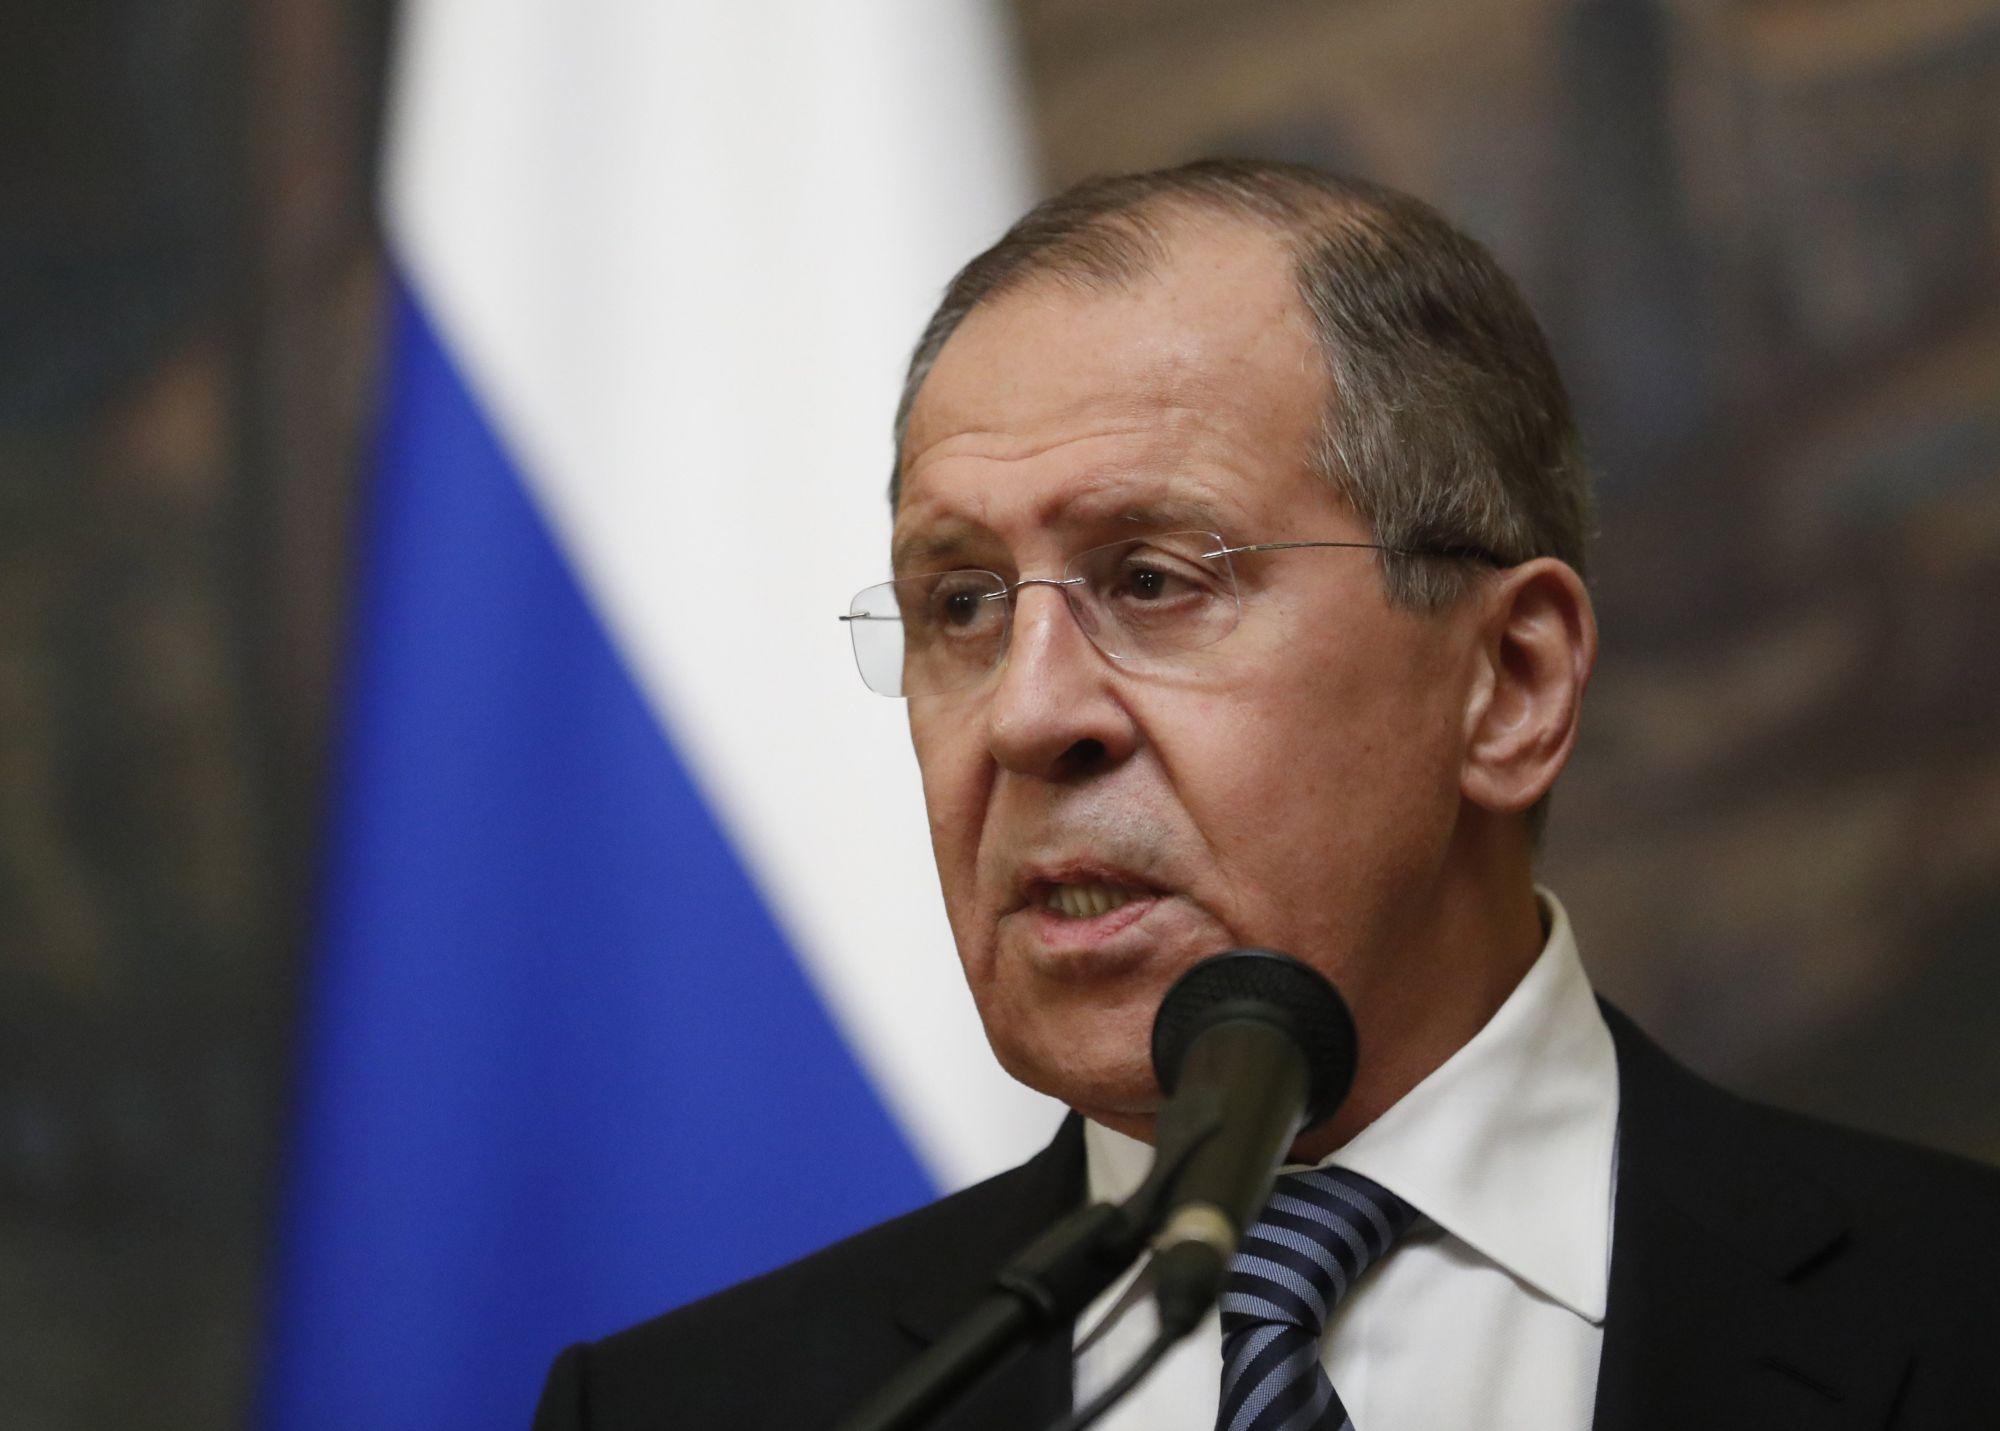 Szergej Lavrov orosz külügyminiszter egy moszkvai sajtóértekezleten 2018. március 29-én. Lavrov közölte, hogy Oroszország azonos választ ad minden államnak, amely orosz diplomatákat utasított ki a Szkripal-üggyel kapcsolatban. (MTI/EPA/Szergej Csirikov)